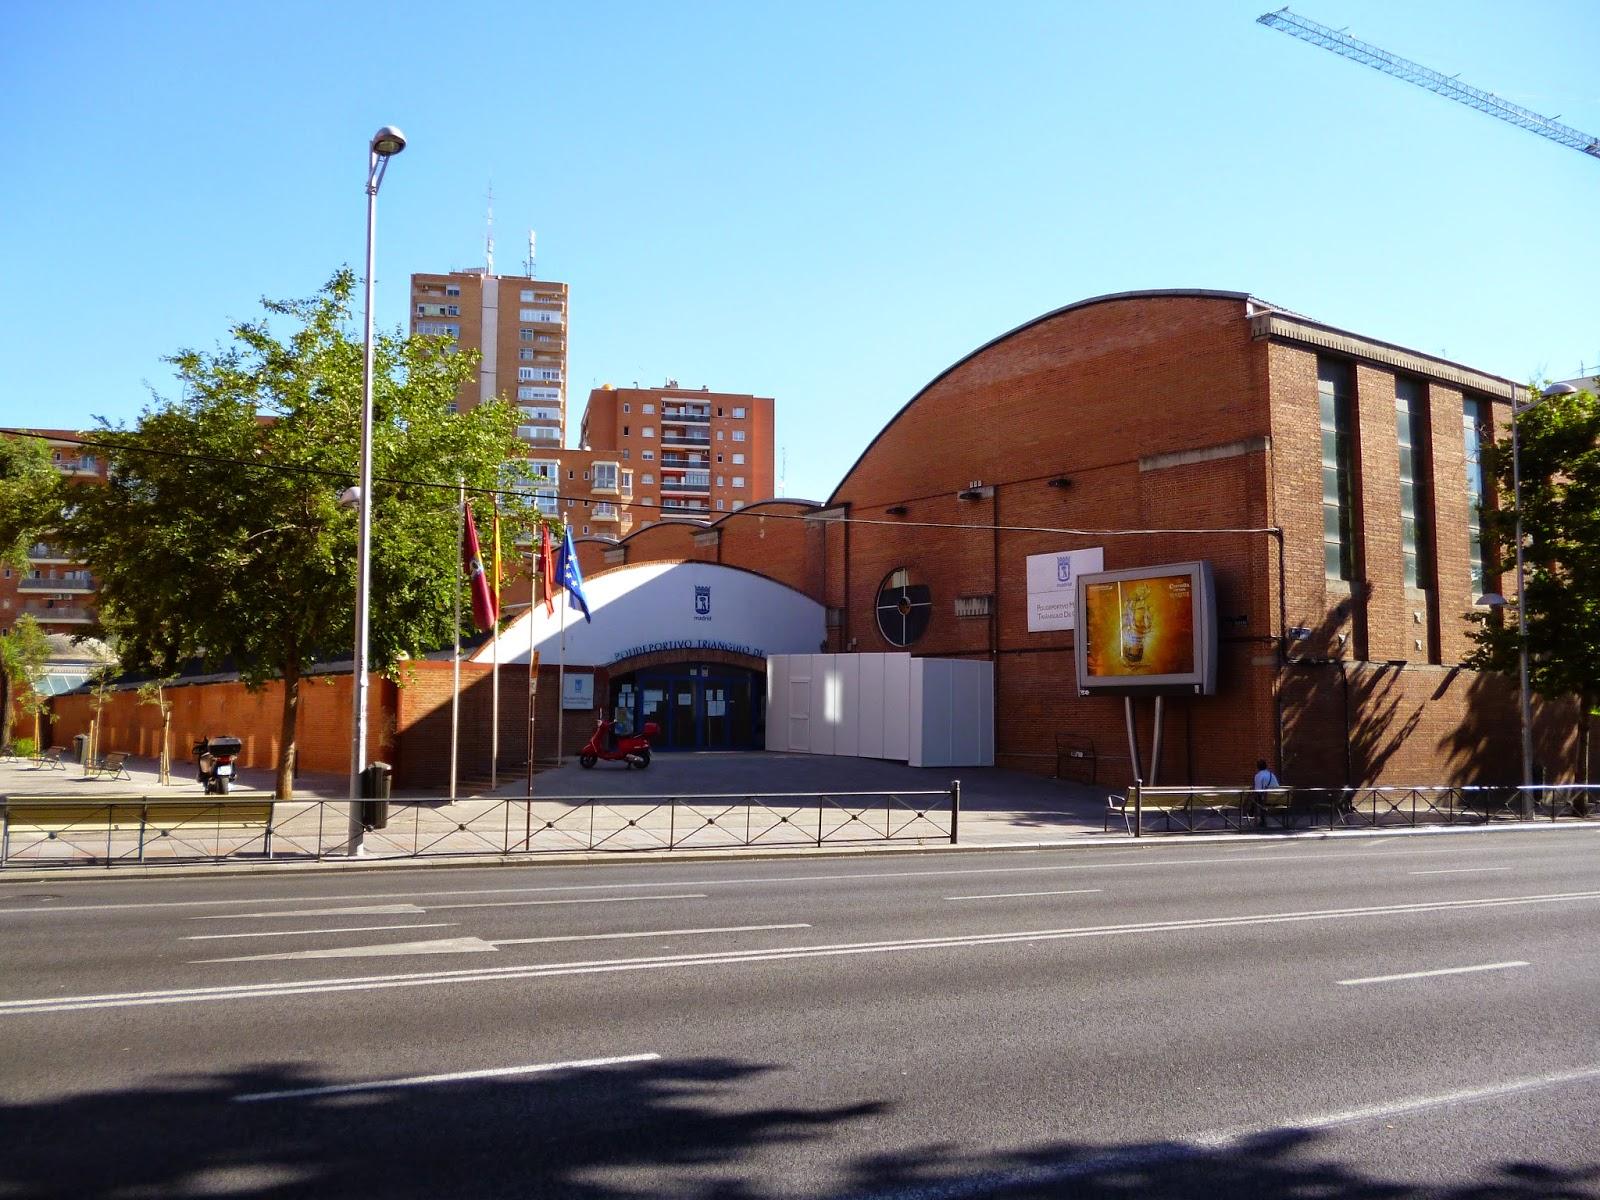 http://avccaminostetuan.blogspot.com.es/2014/09/deporte.html